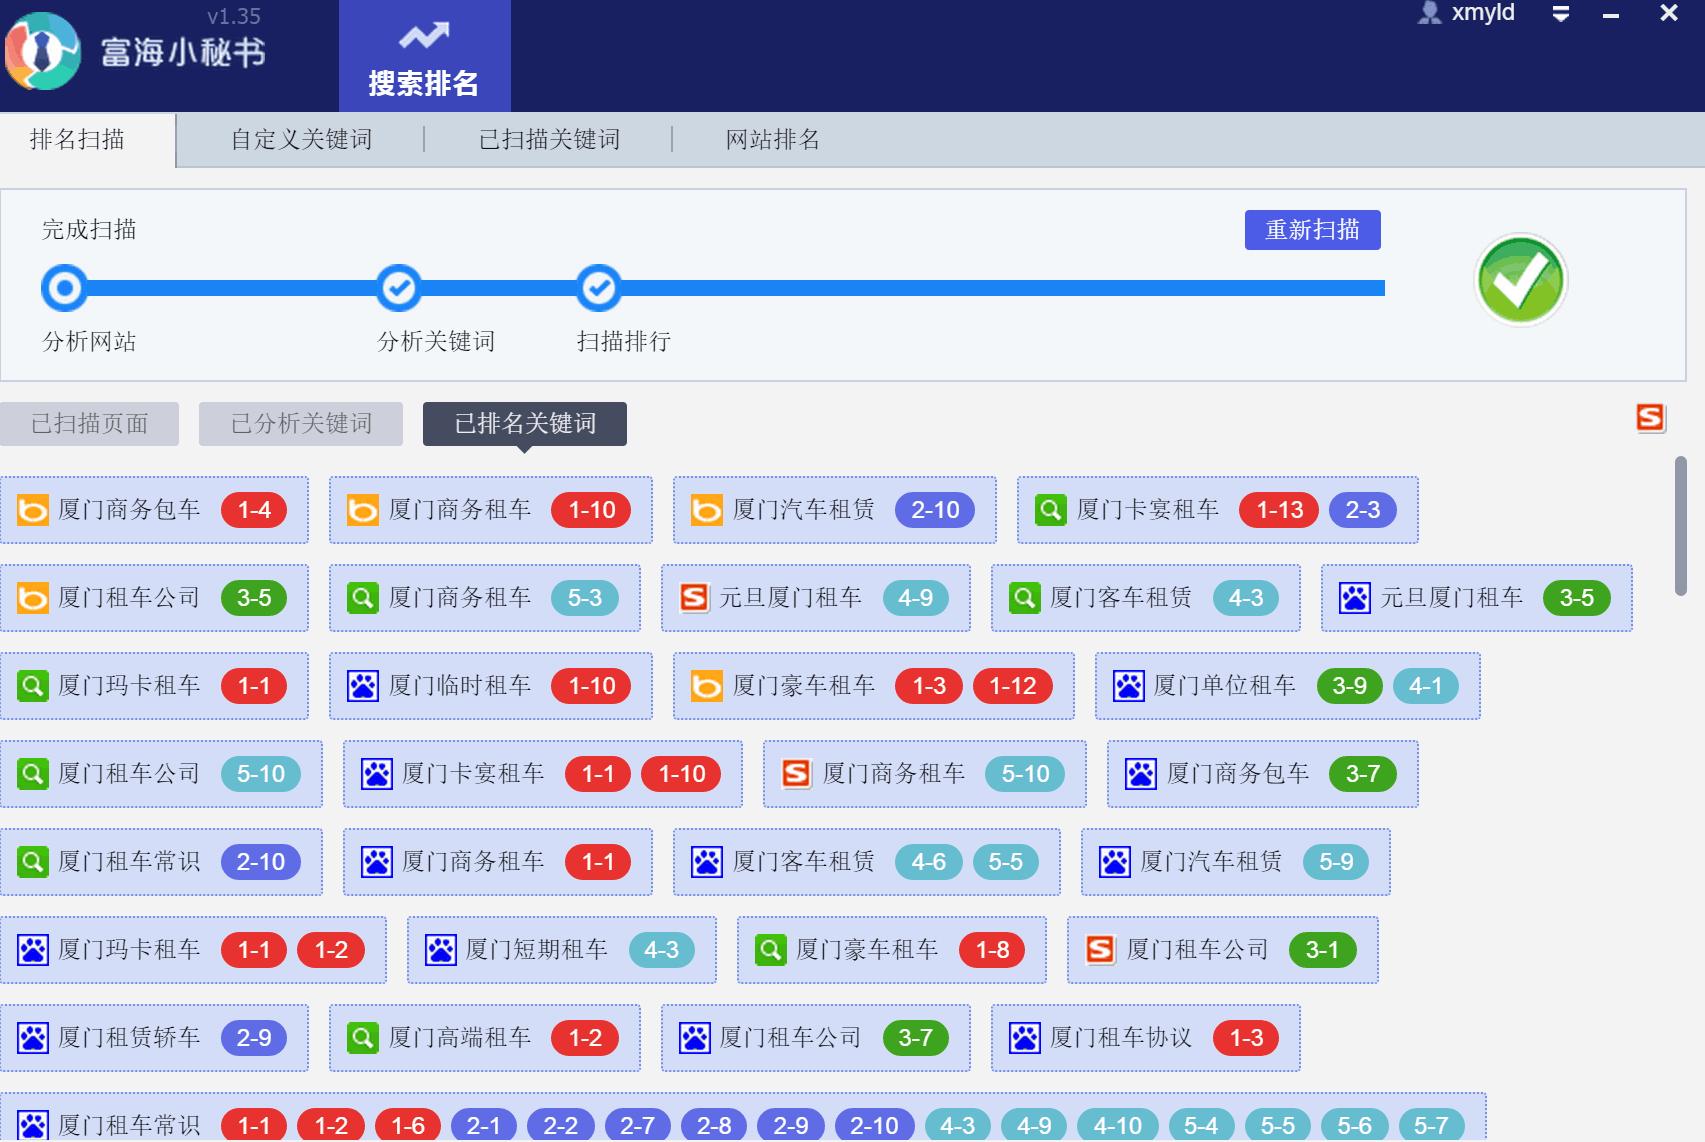 厦门租车公司合作富海360关键词排名效果很好